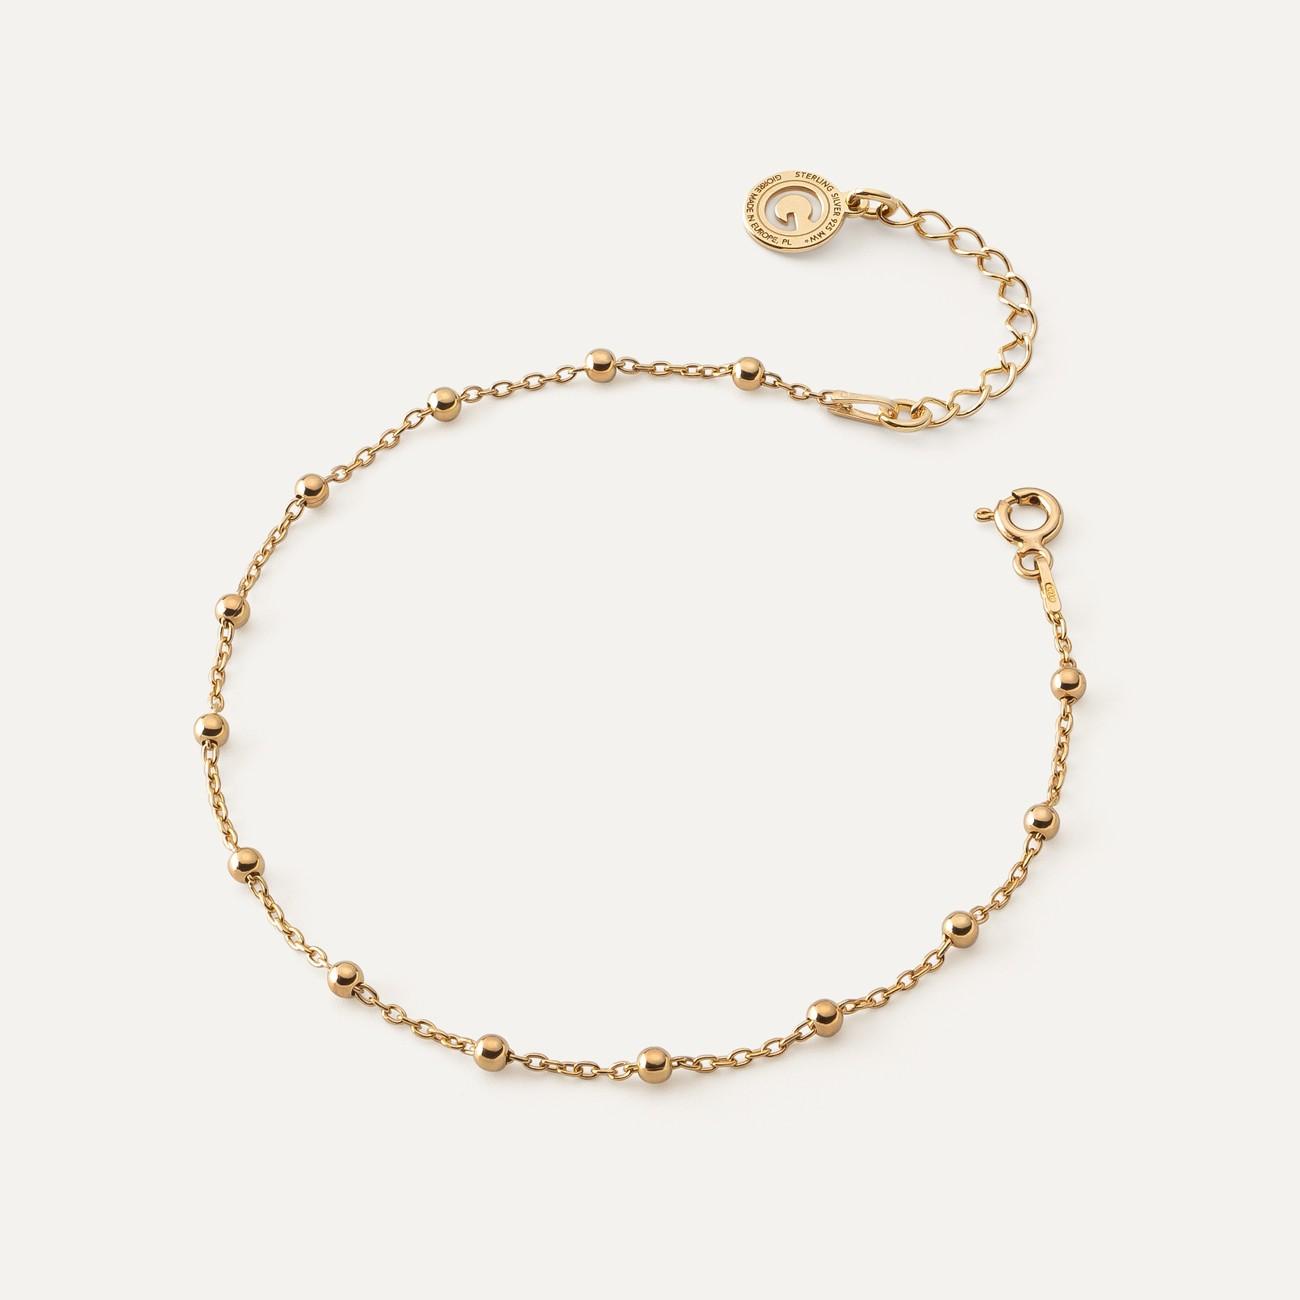 Srebrna bransoletka łańcuszkowa ankier z kulkami 925